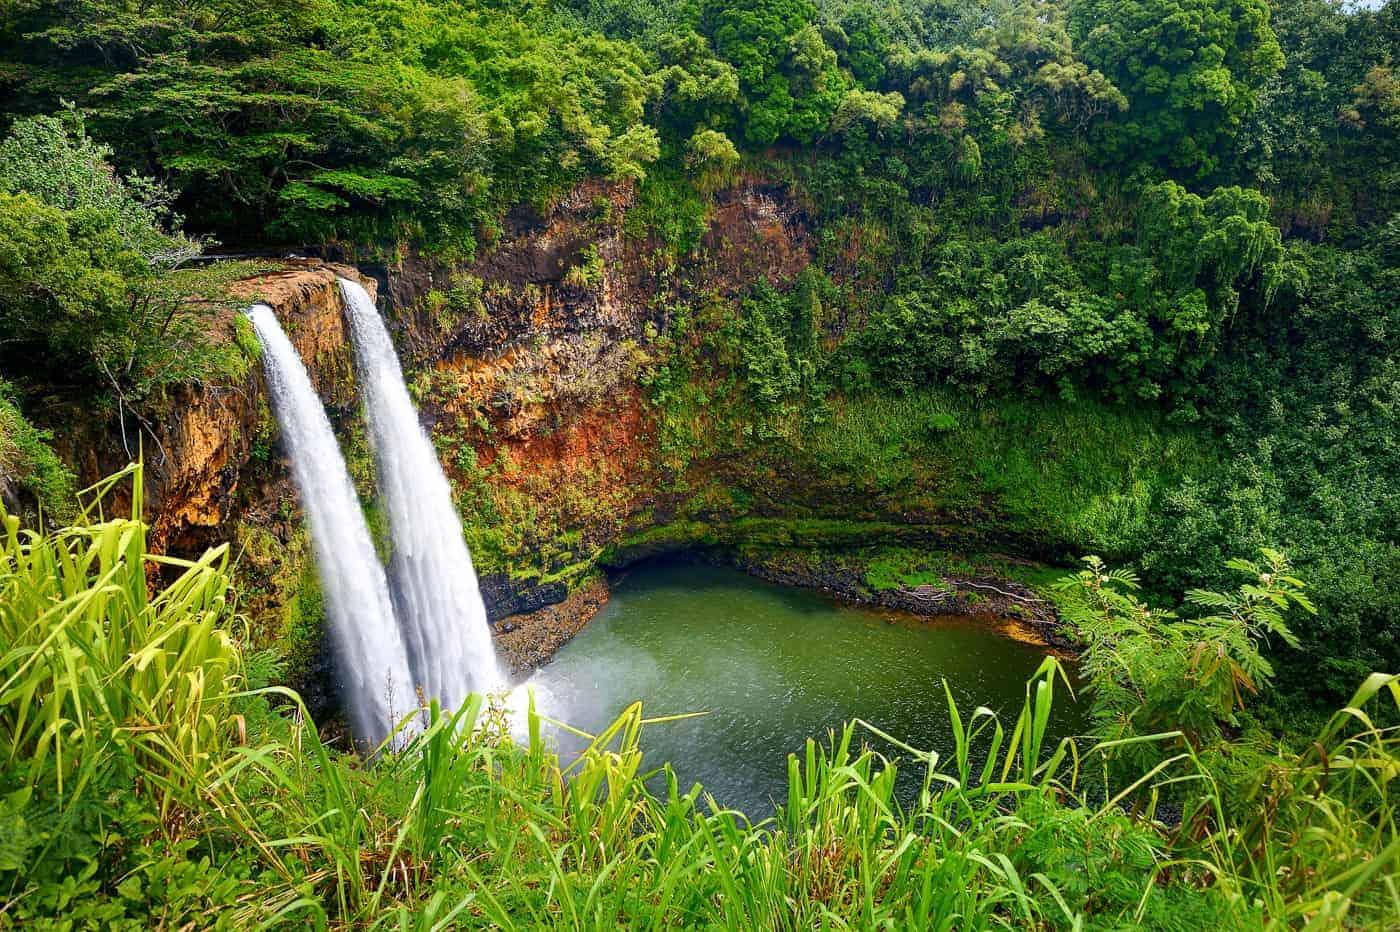 kauai itinerary travel guide 5